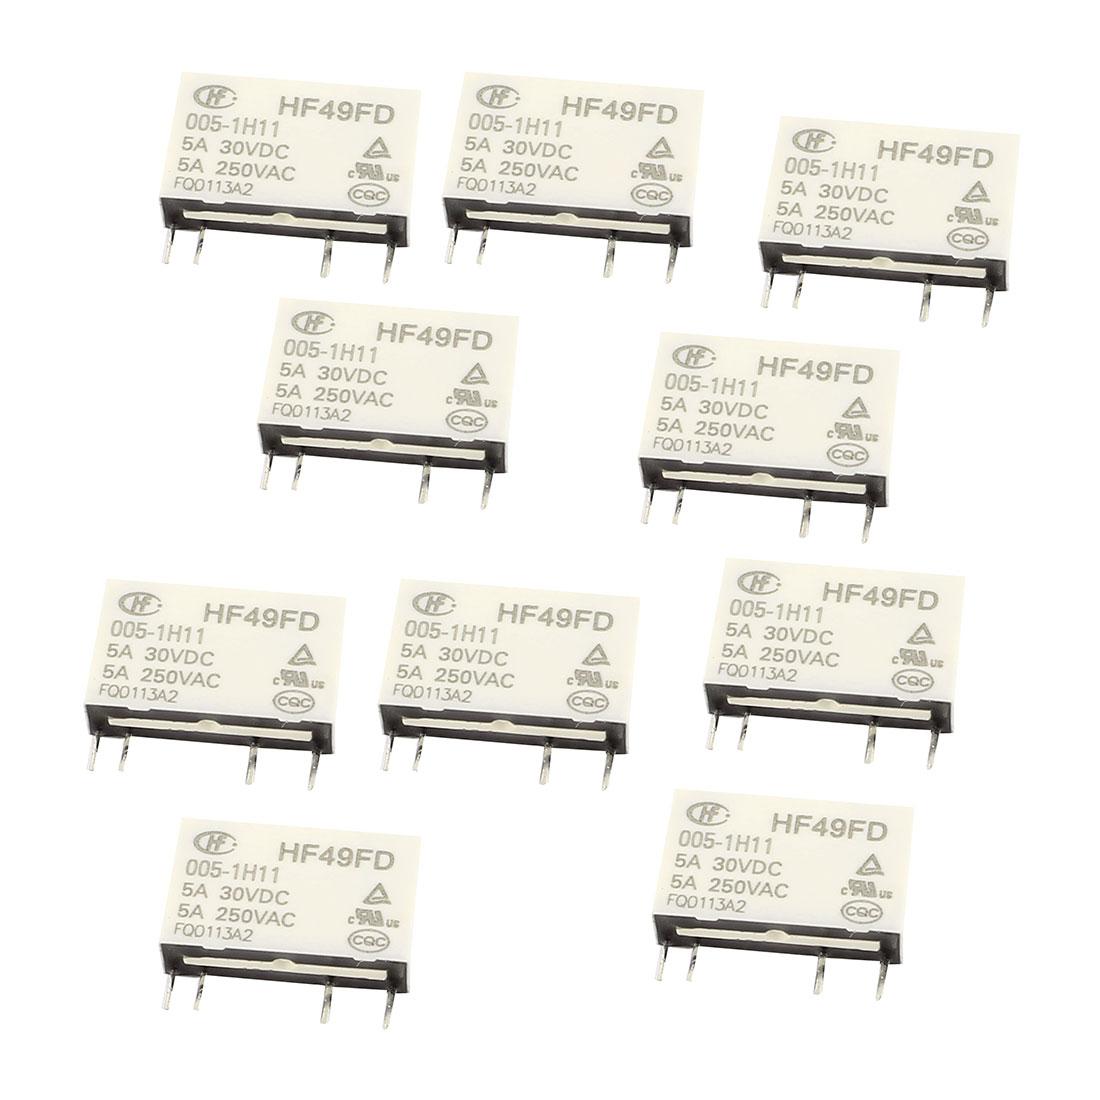 10 Pcs 30VDC 250VAC 5A 4 Terminal NO SPST HF49FD/005-1H11 Power Relay